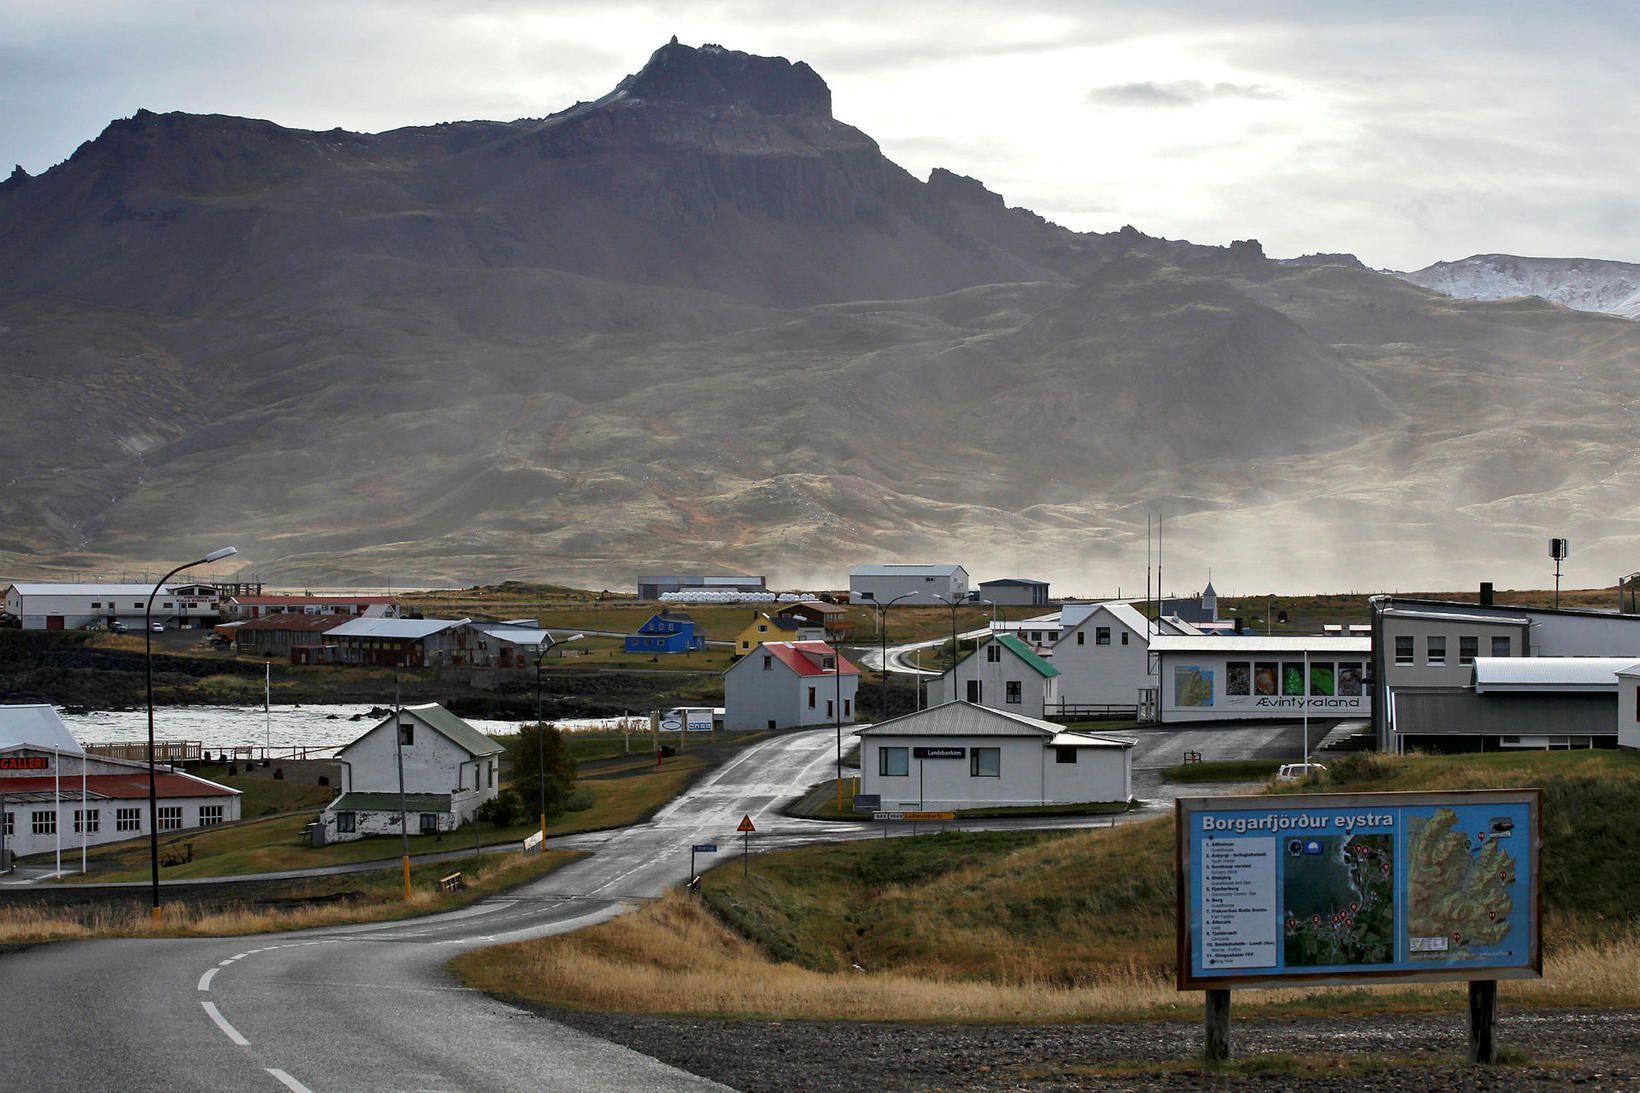 Afskekkt. Íbúar á Borgarfirði eystri gæta vel að sóttvörnum þótt …